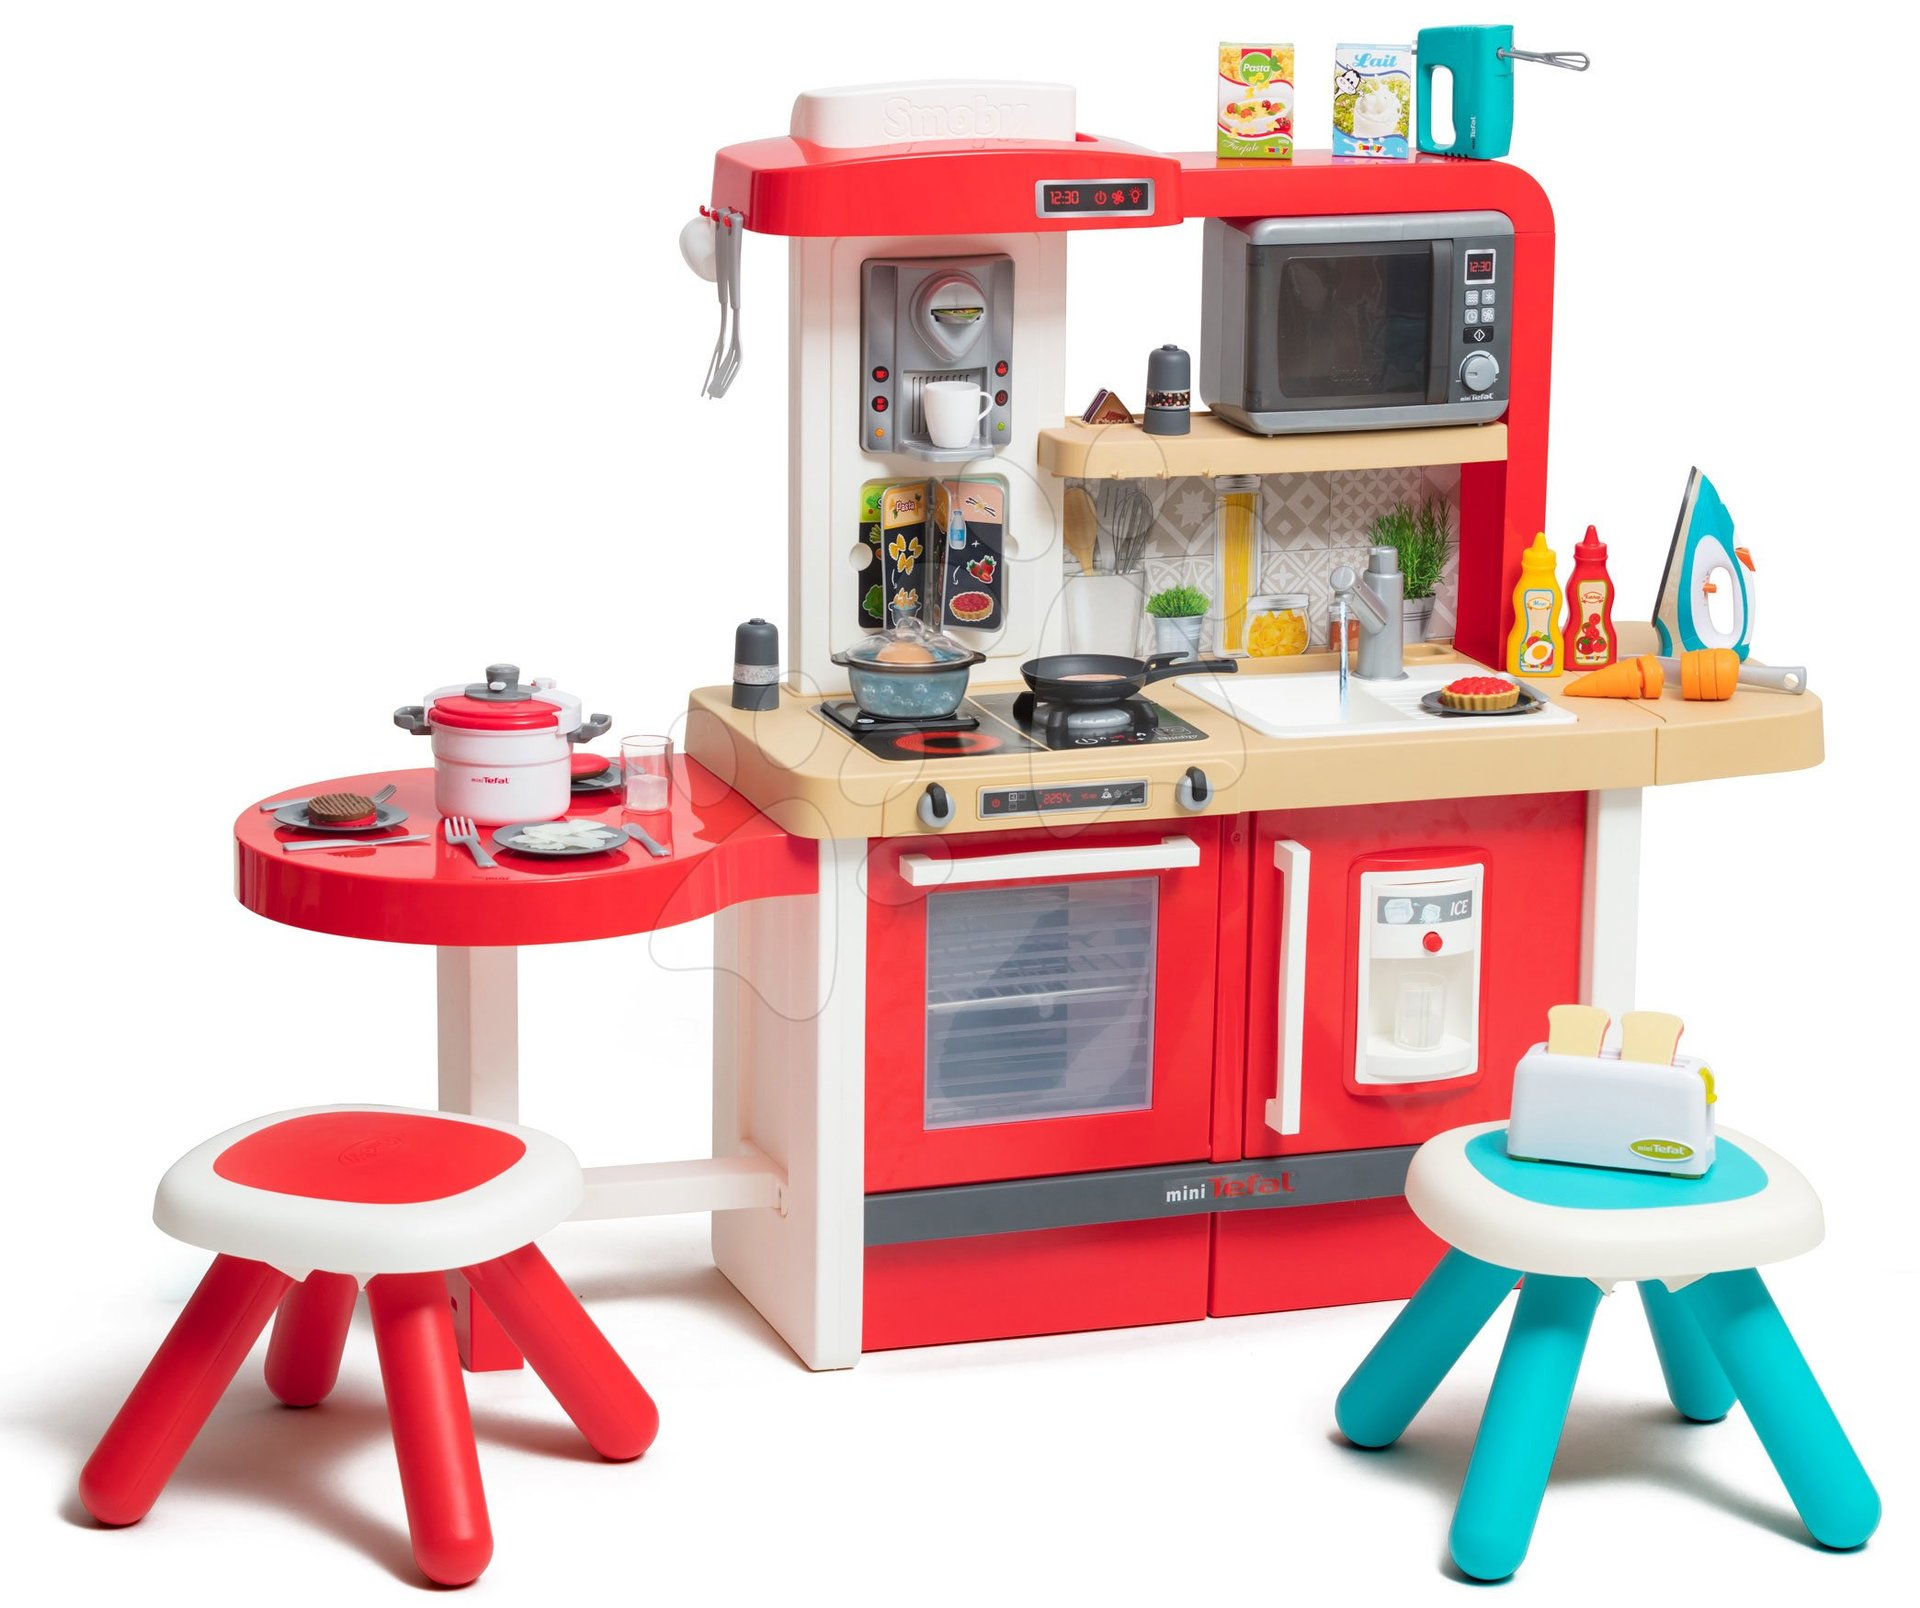 Kuchynka rastúca s tečúcou vodou a mikrovlnkou Tefal Evolutive Gourment Smoby s dvoma stolčekmi a spotrebičmi